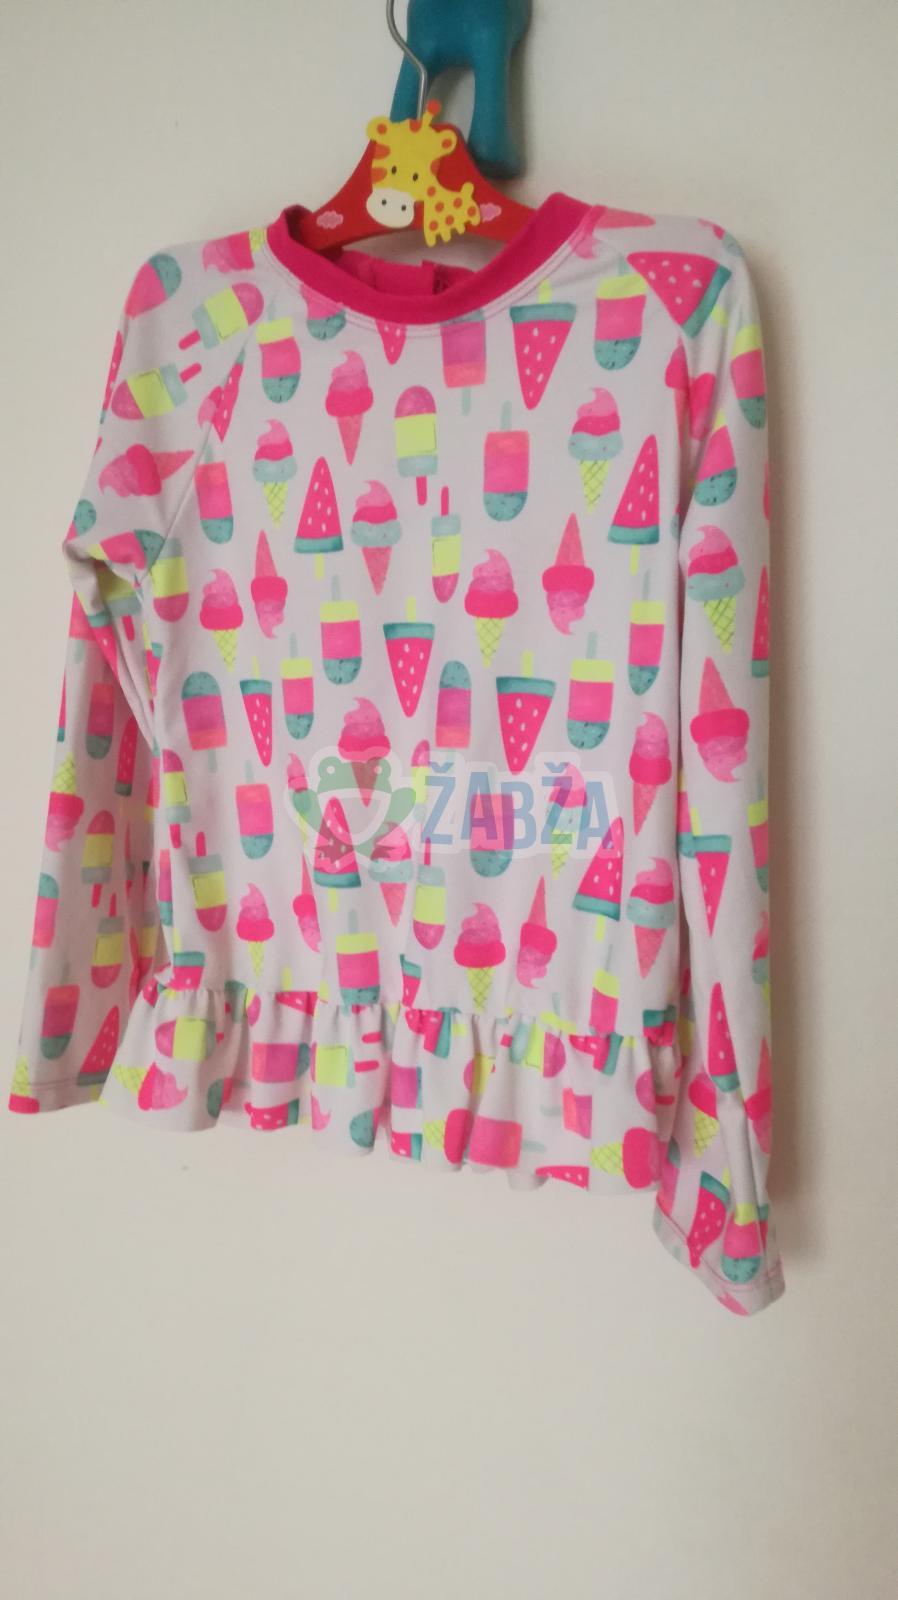 Tričko s kanýrky